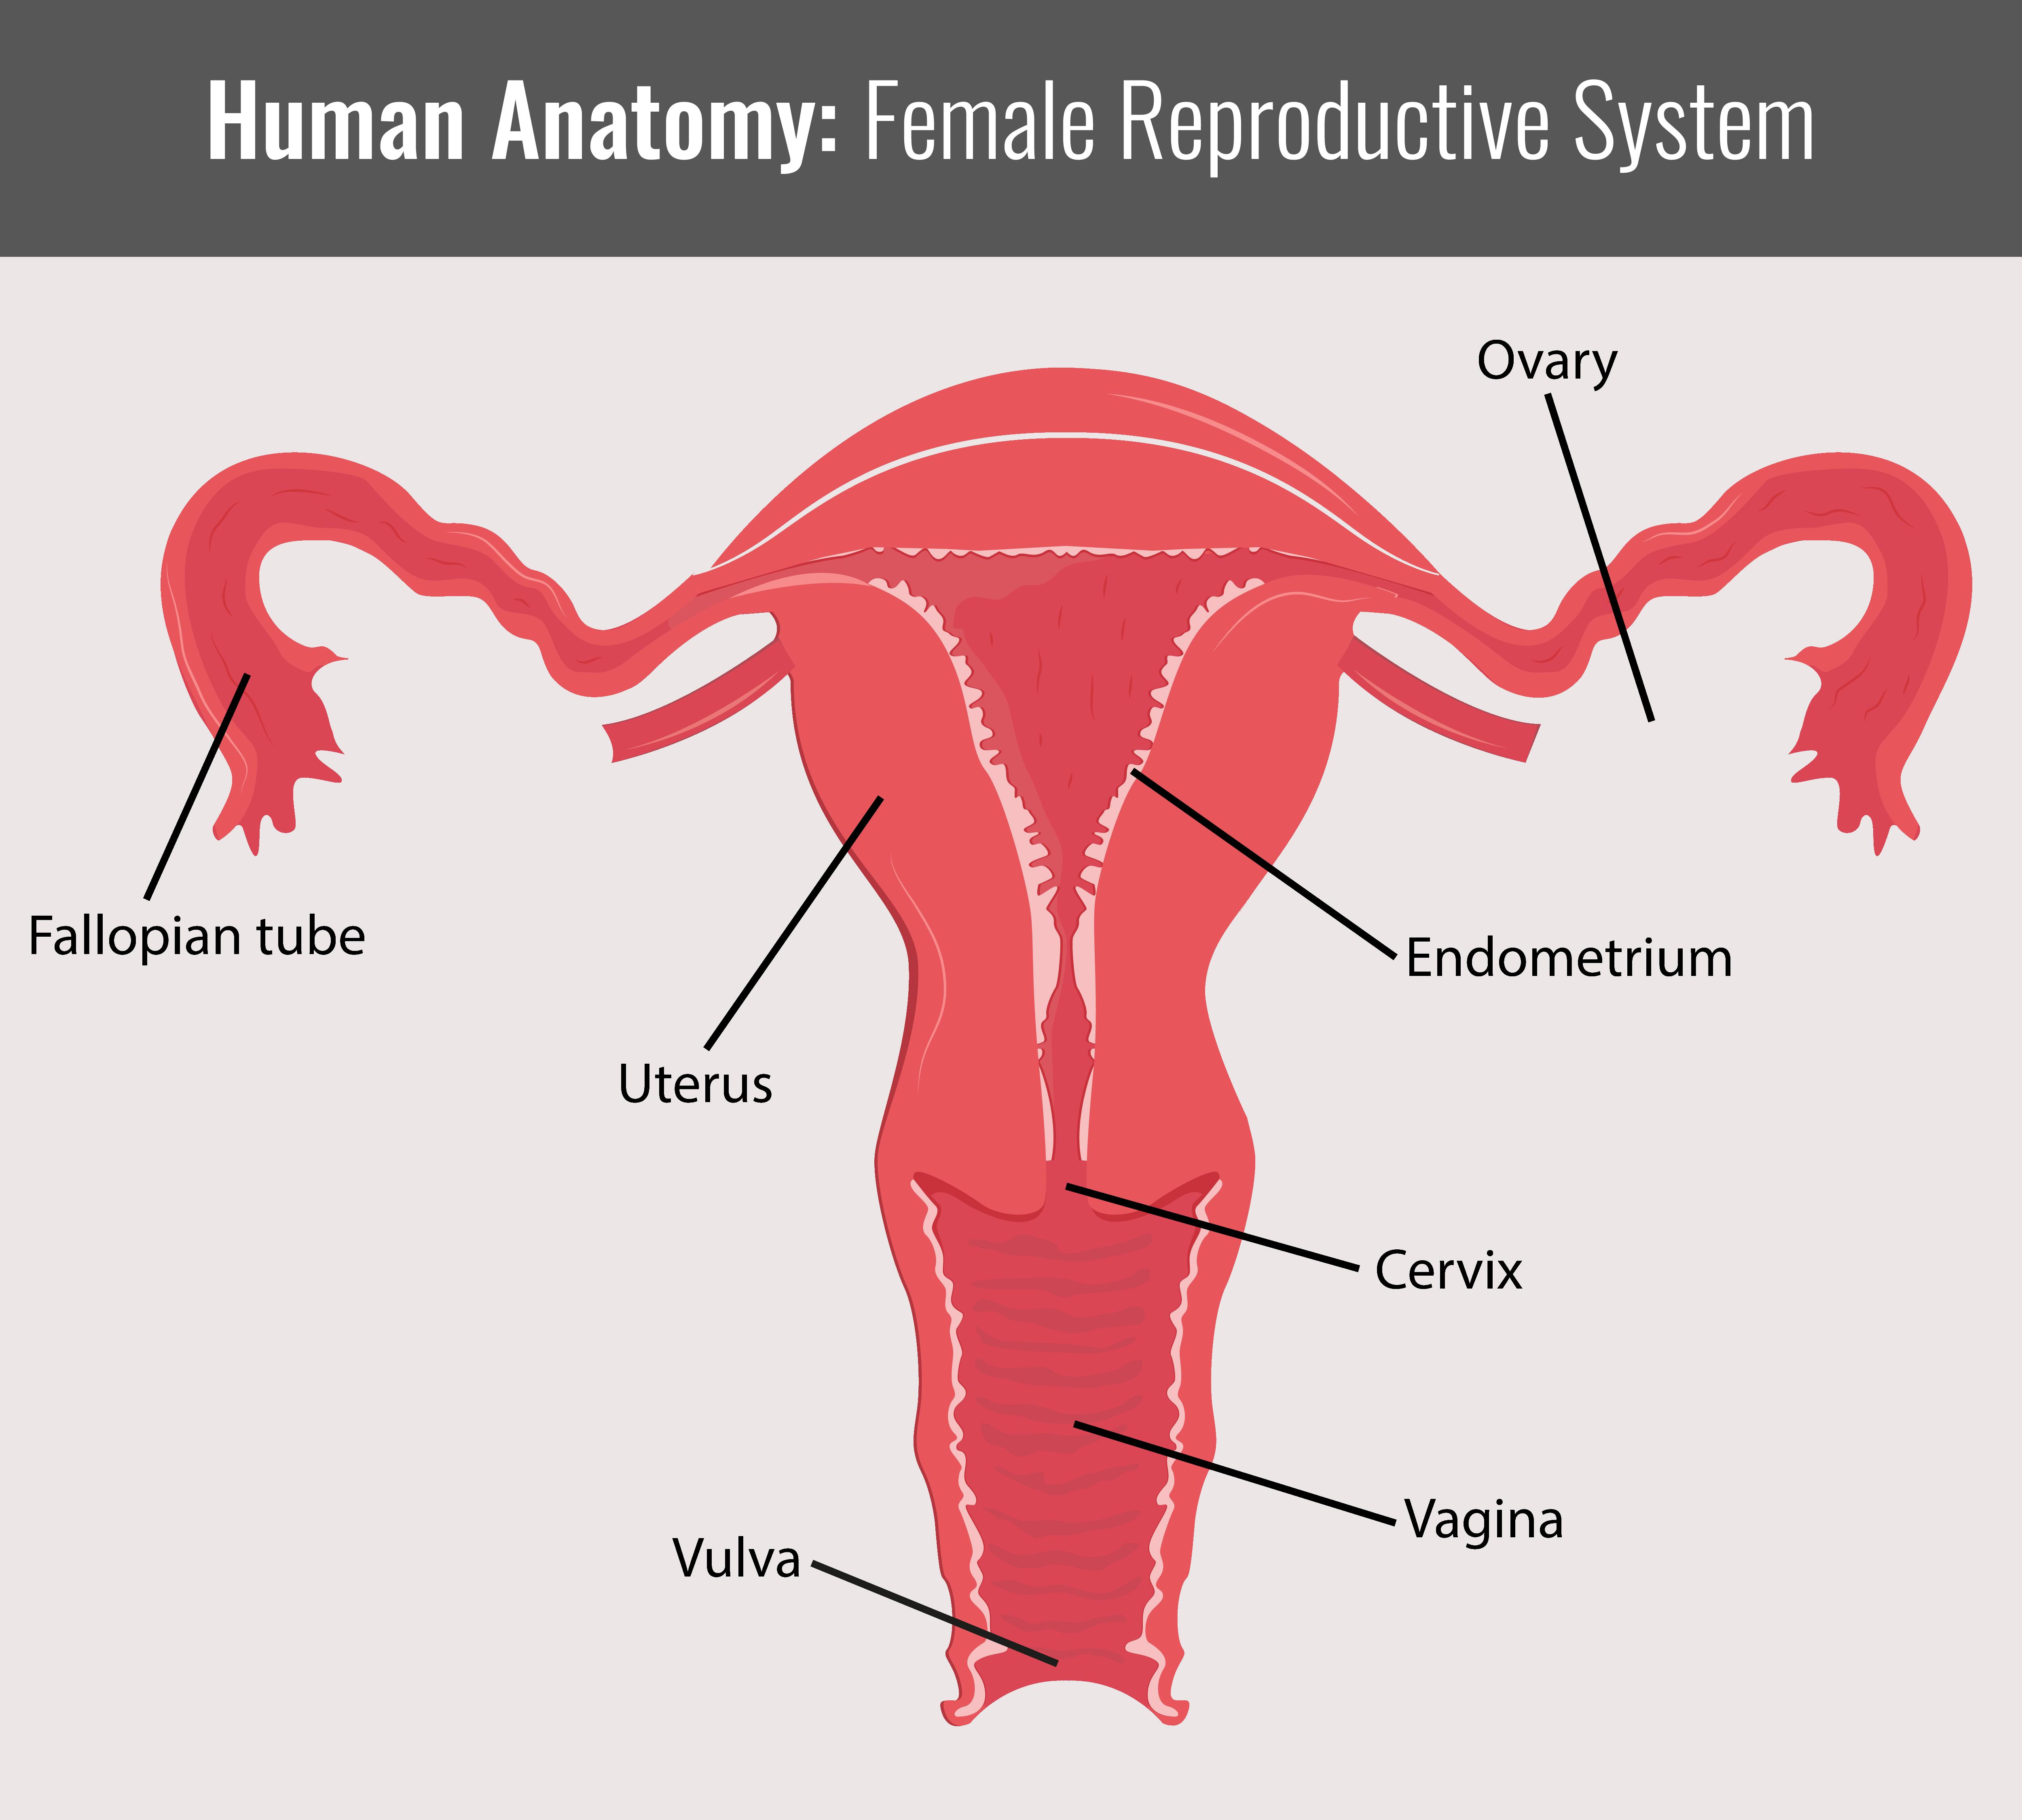 Fantastisch Anatomie Des Uterus Mit Diagramm Bilder - Anatomie Von ...